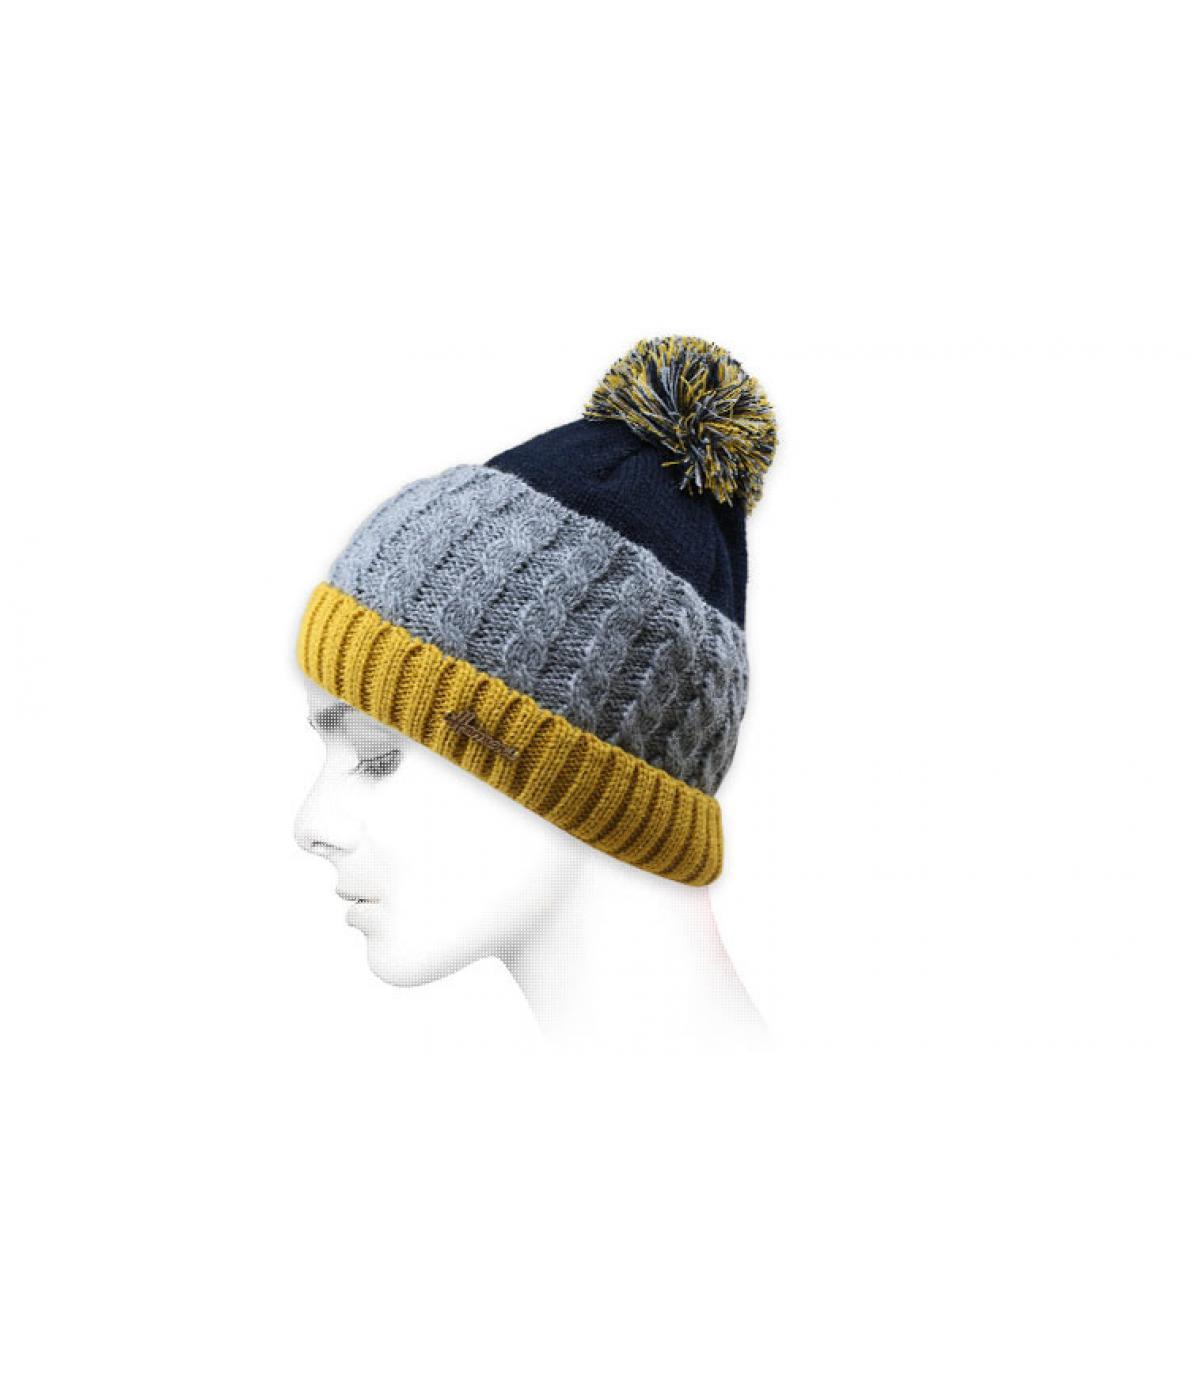 cappello nappa blu giallo grigio